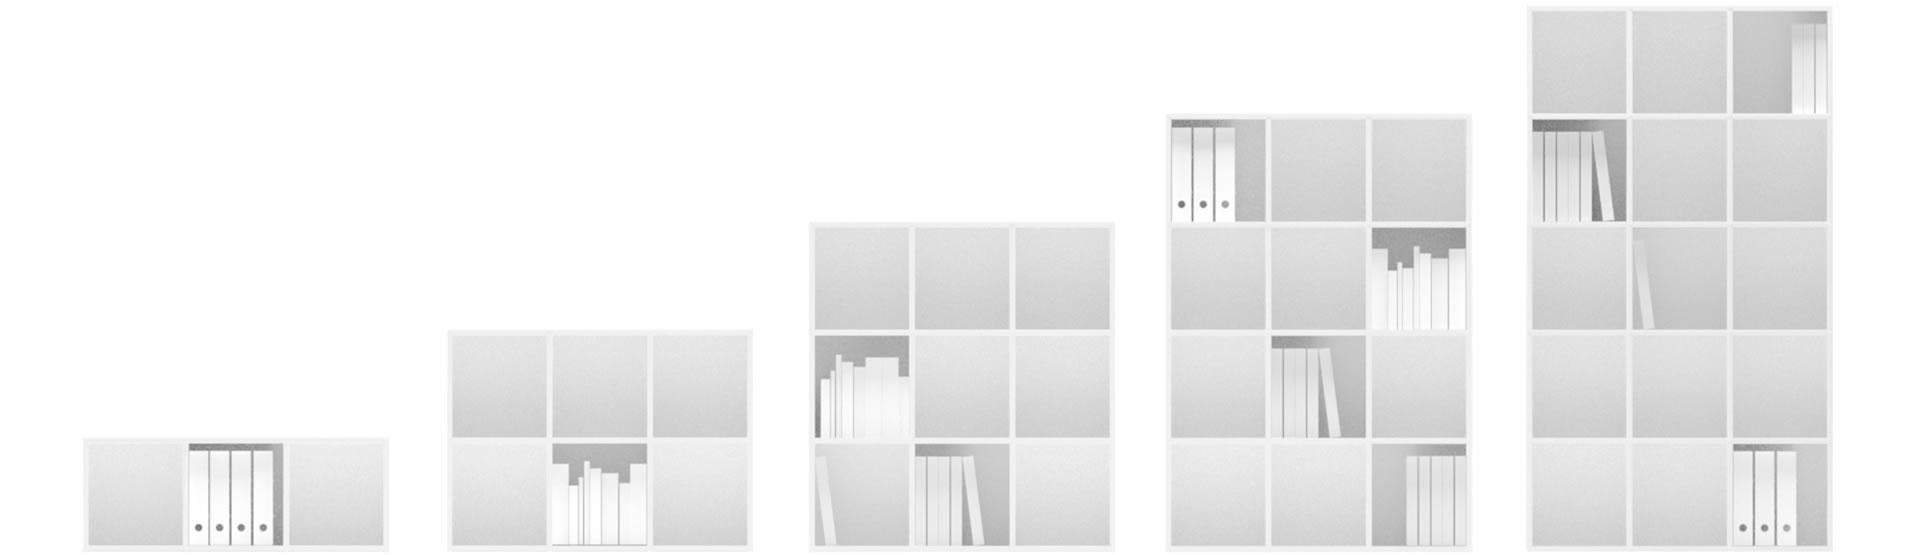 Full Size of Weiß Hochglanz Regal Reservare Modernes Design Von Einbauküche Weiss Regale Obi Würfel Landhaus Bett 200x200 Designer Sofa Grau Wildeiche Schwarz Regal Weiß Hochglanz Regal